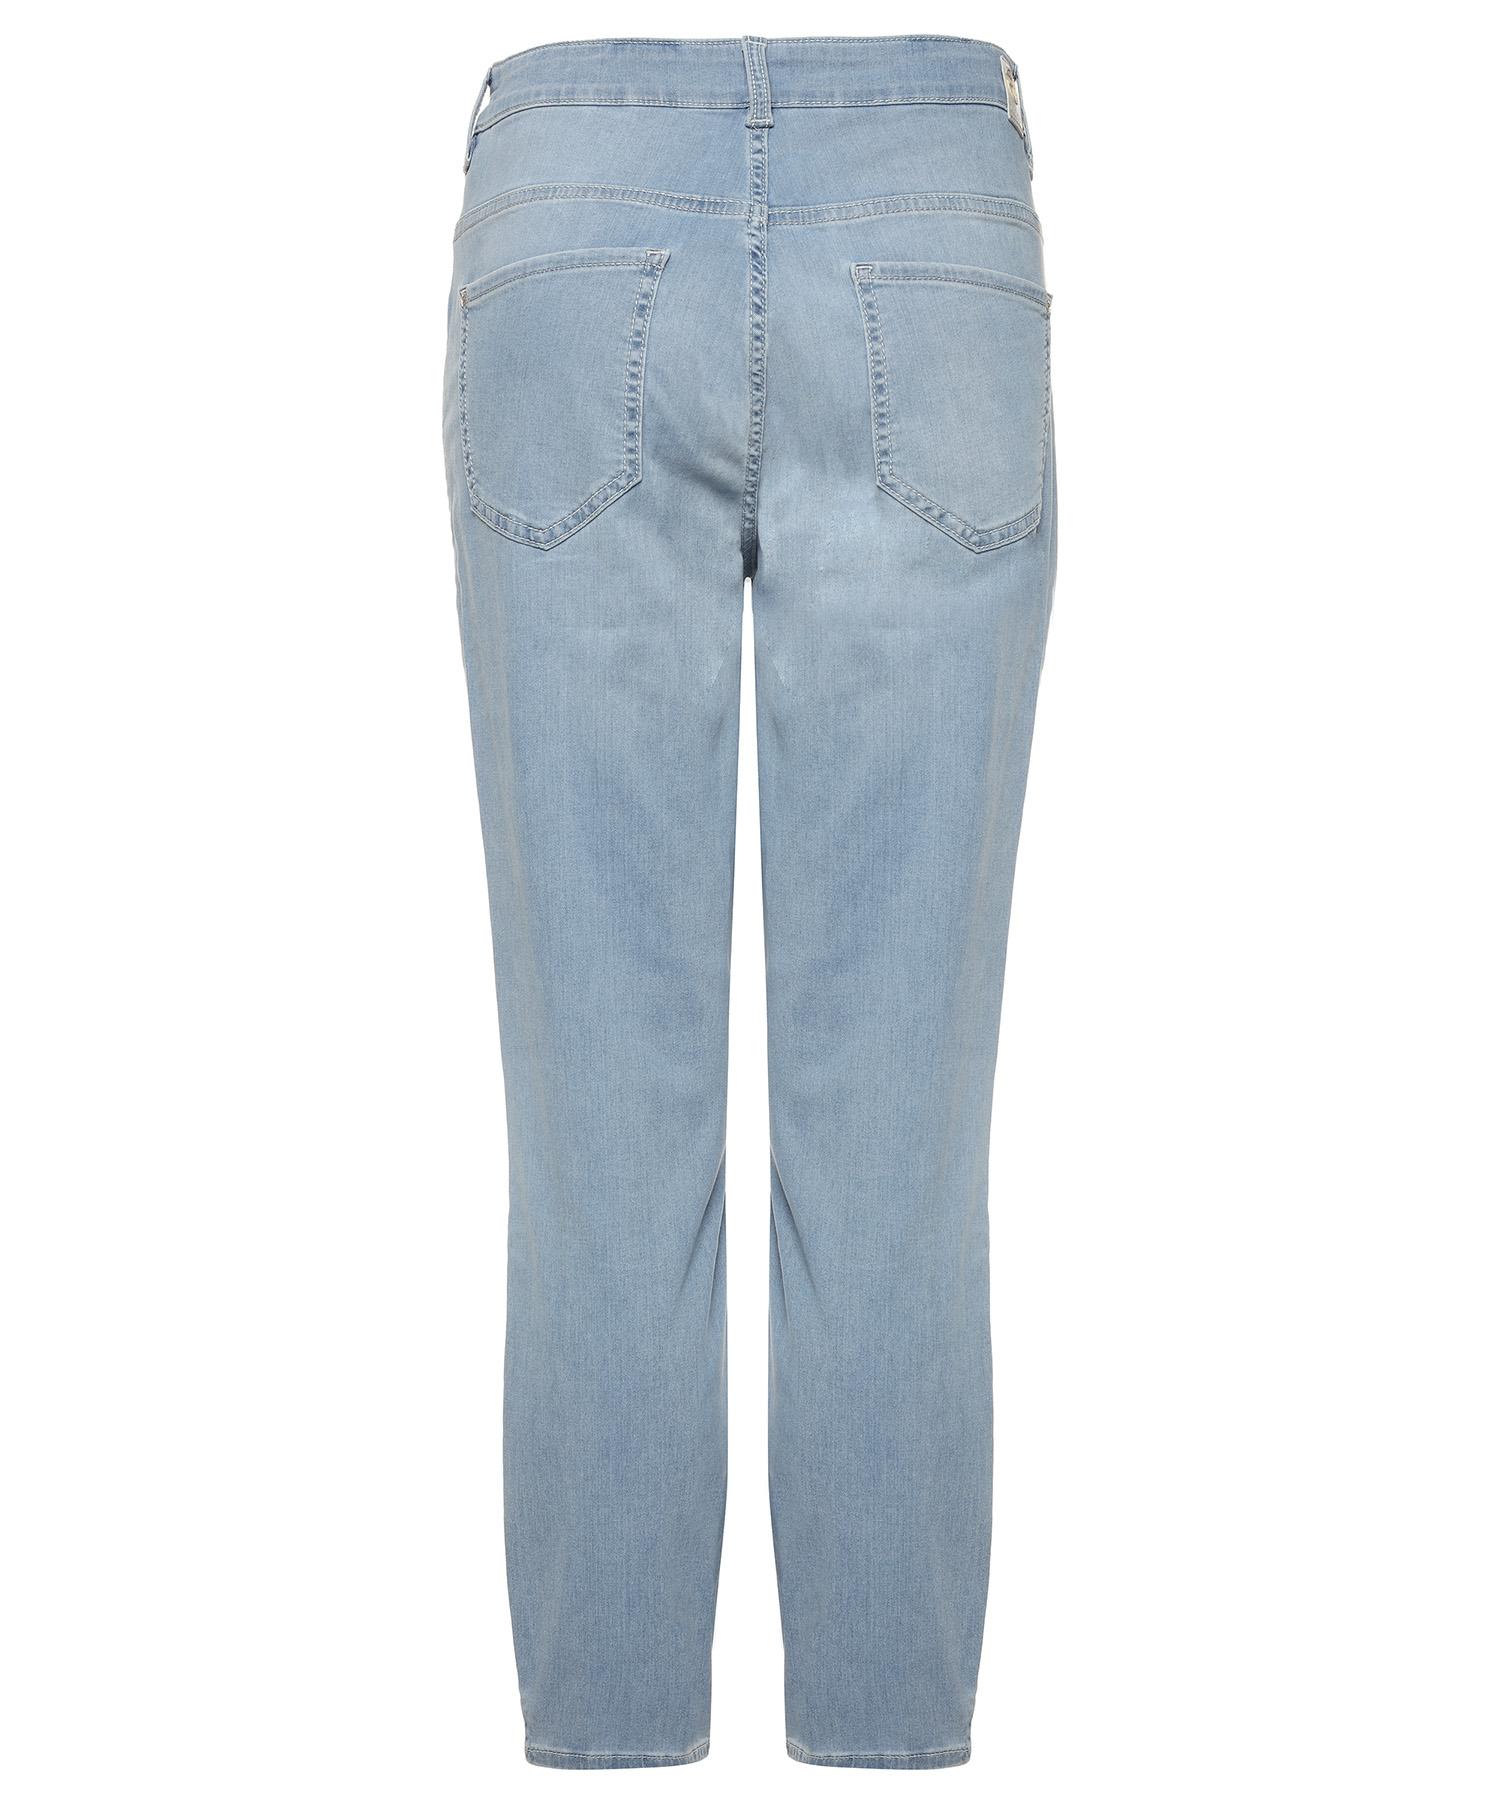 Rosner jeans Audrey